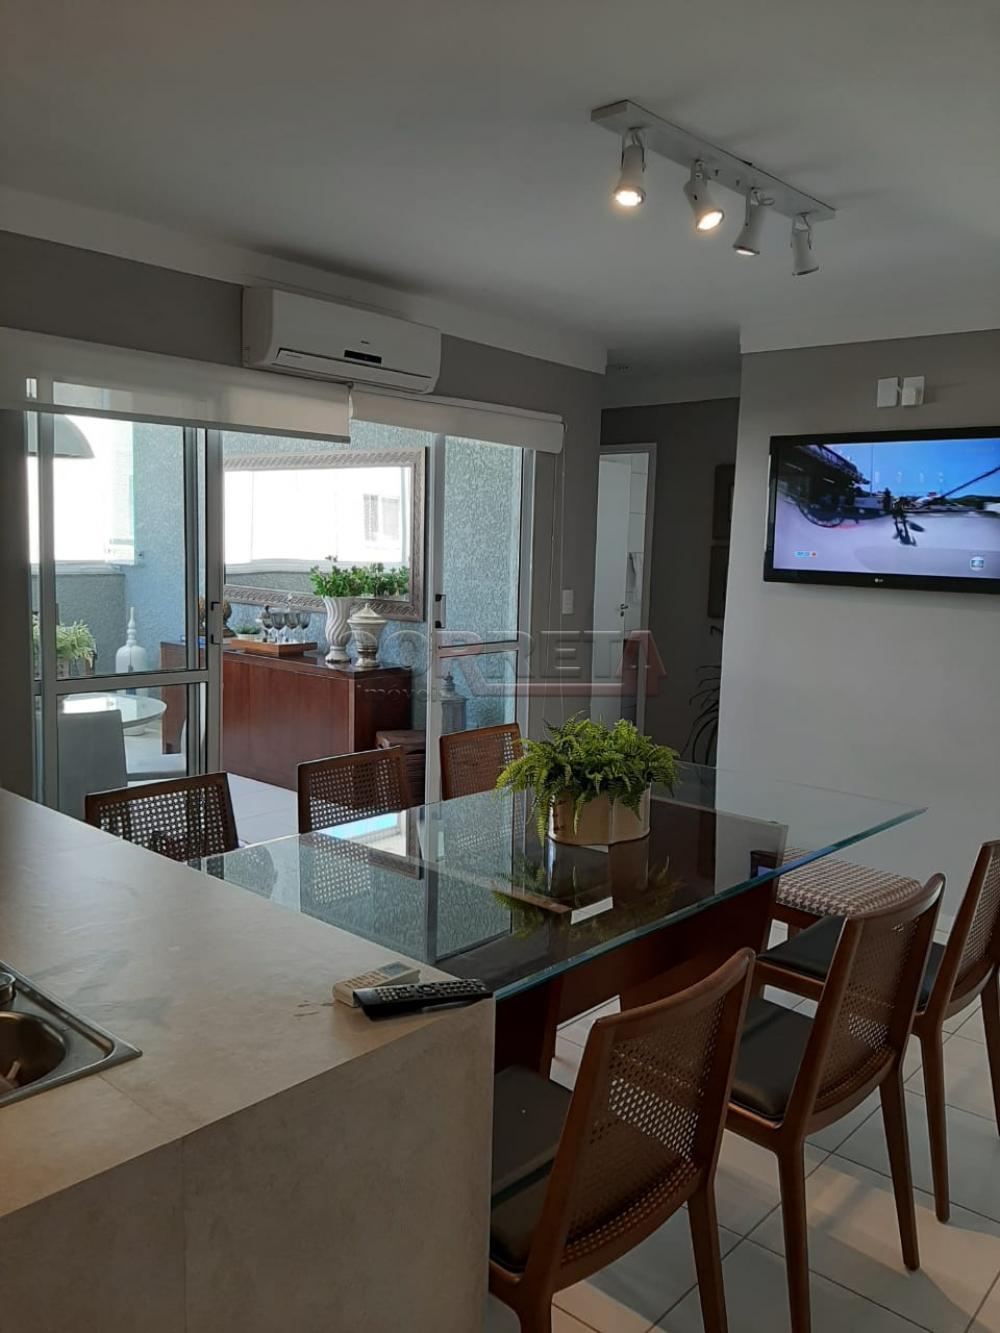 Comprar Apartamento / Padrão em Araçatuba apenas R$ 470.000,00 - Foto 18